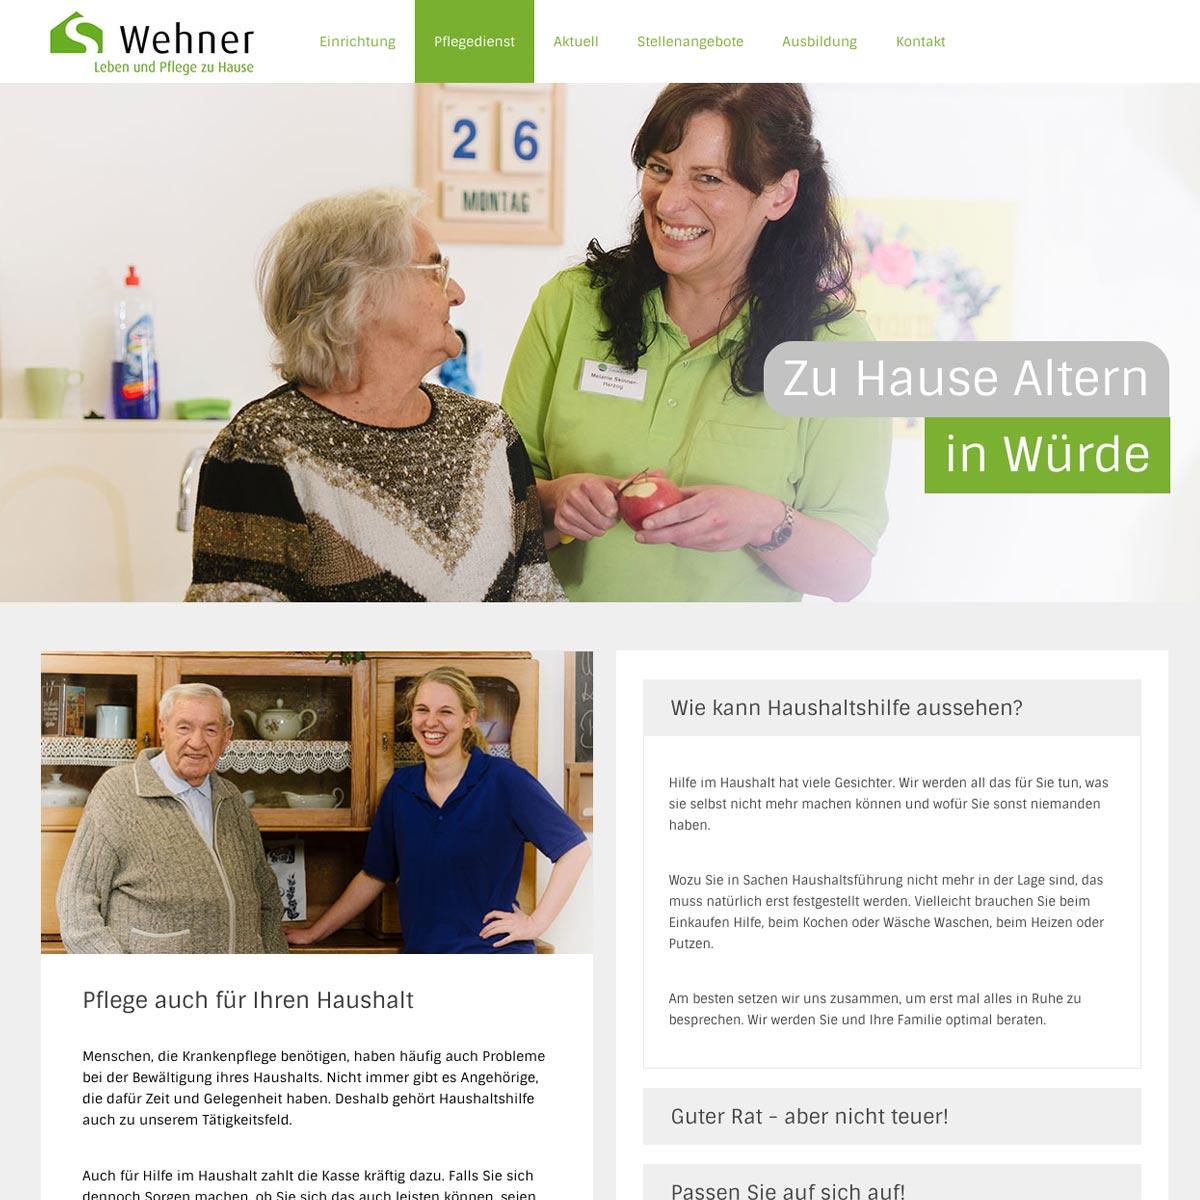 pflegedienst-wehner